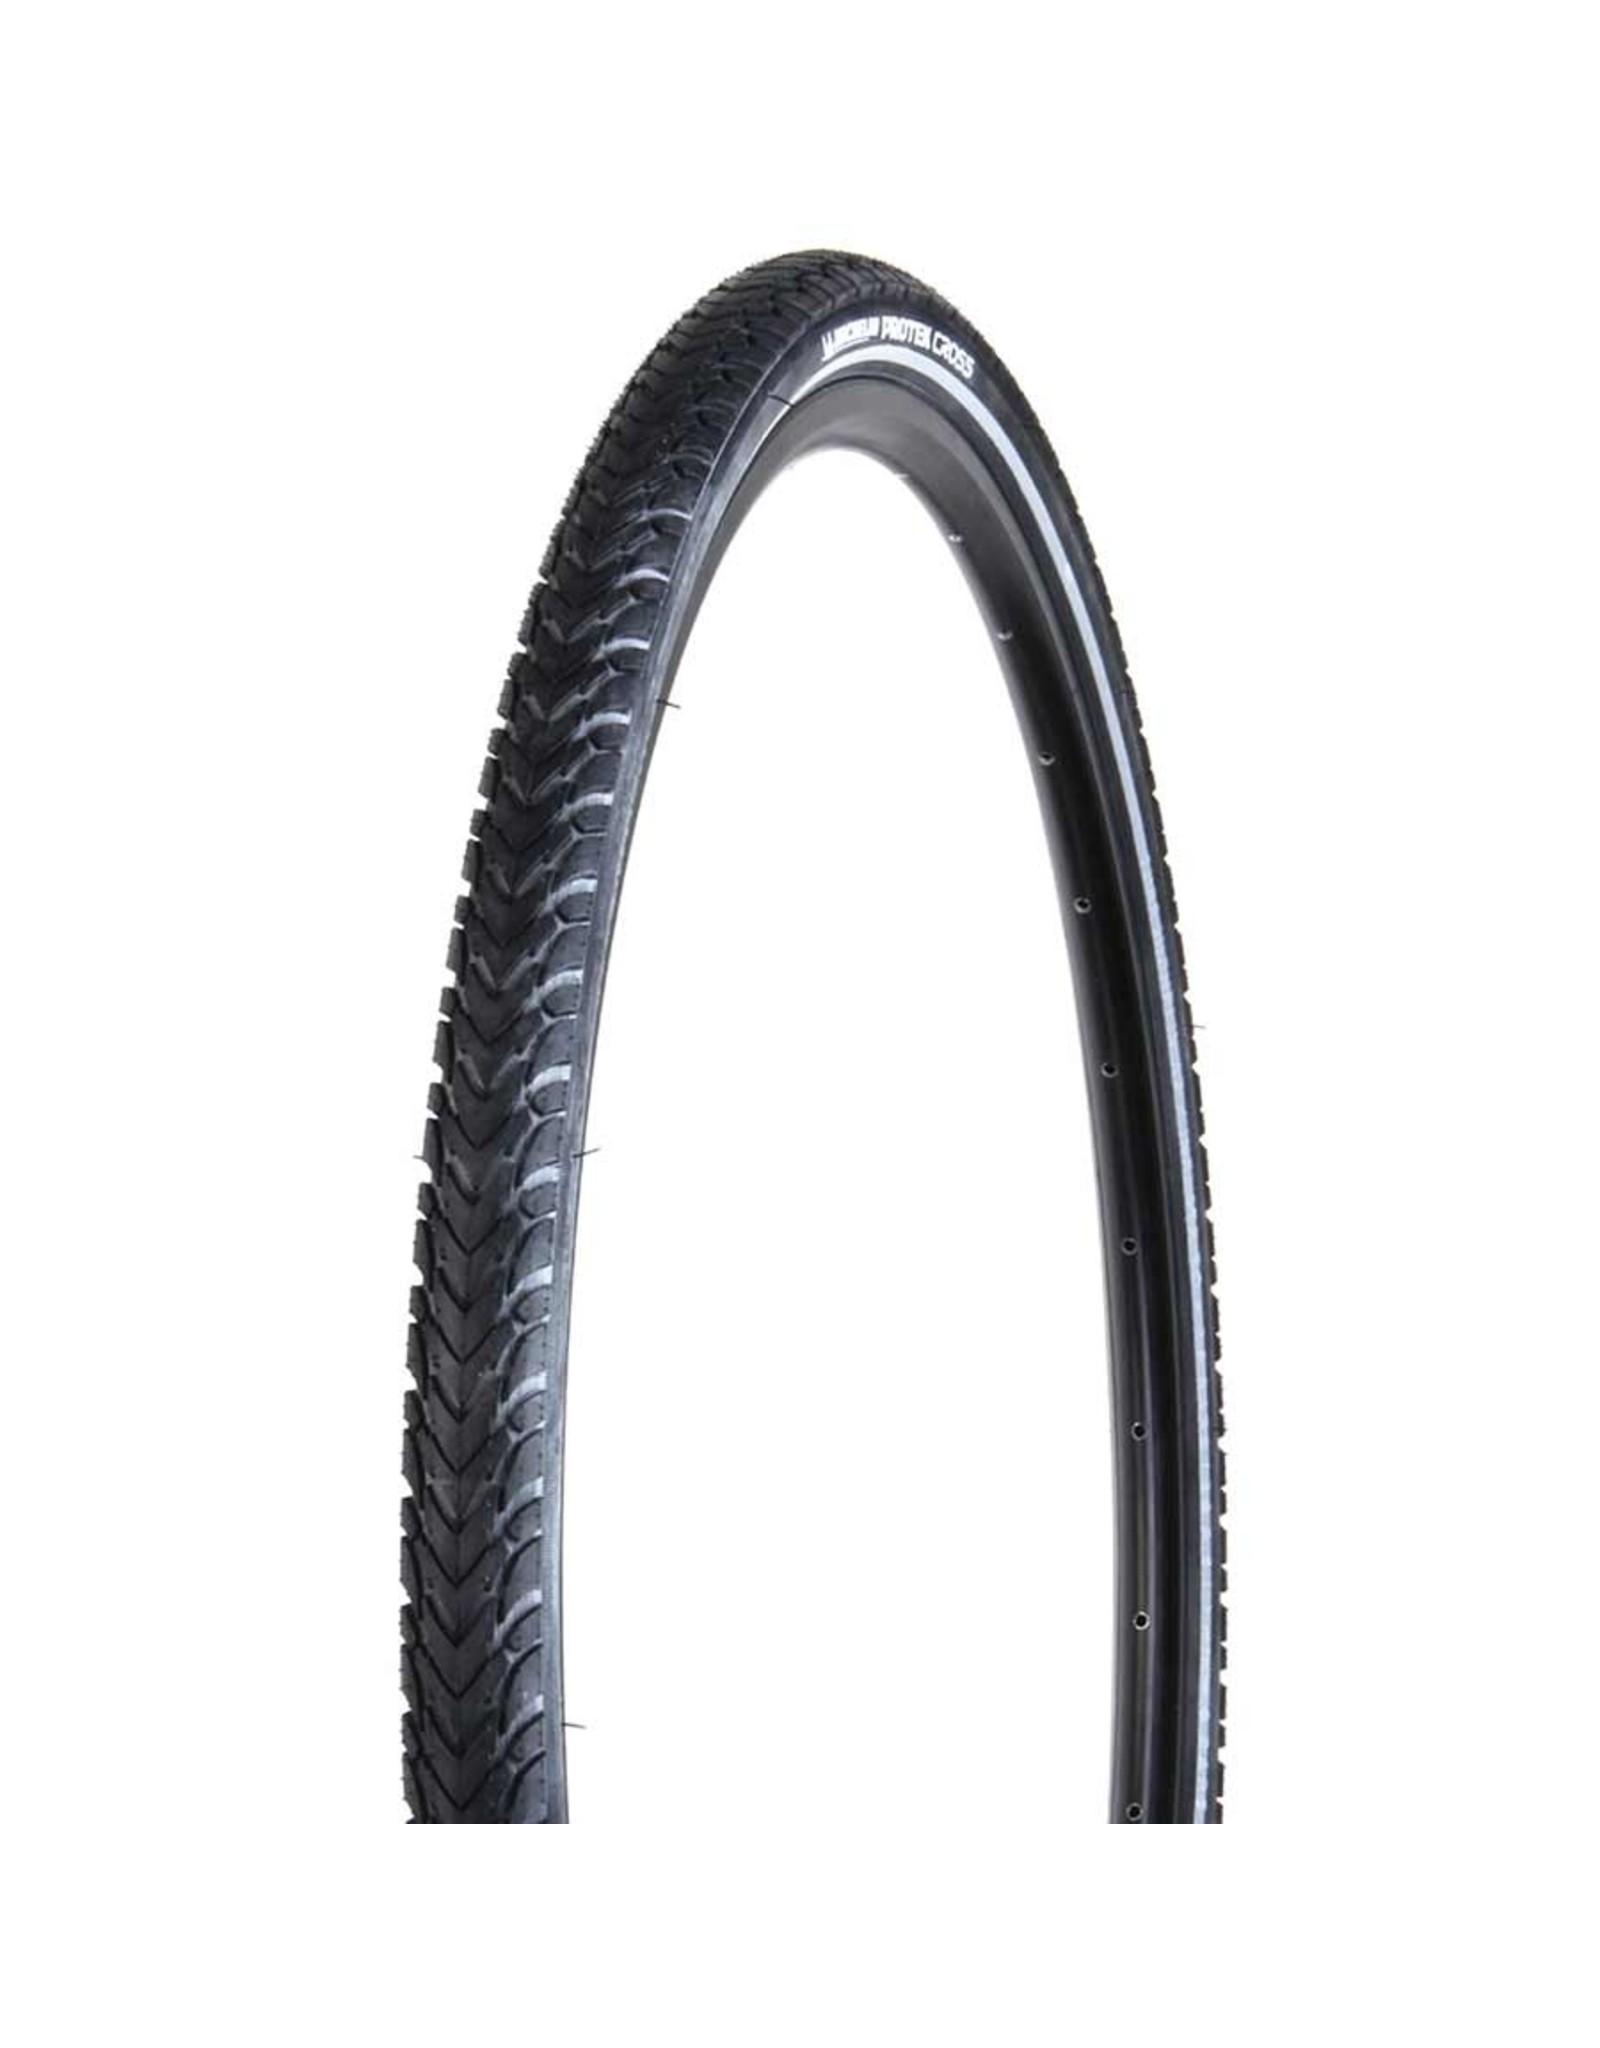 Michelin Michelin, Protek Cross, Tire, 700x47C, Wire, Clincher, Single, Protek 1mm, Reflex, 22TPI, Black